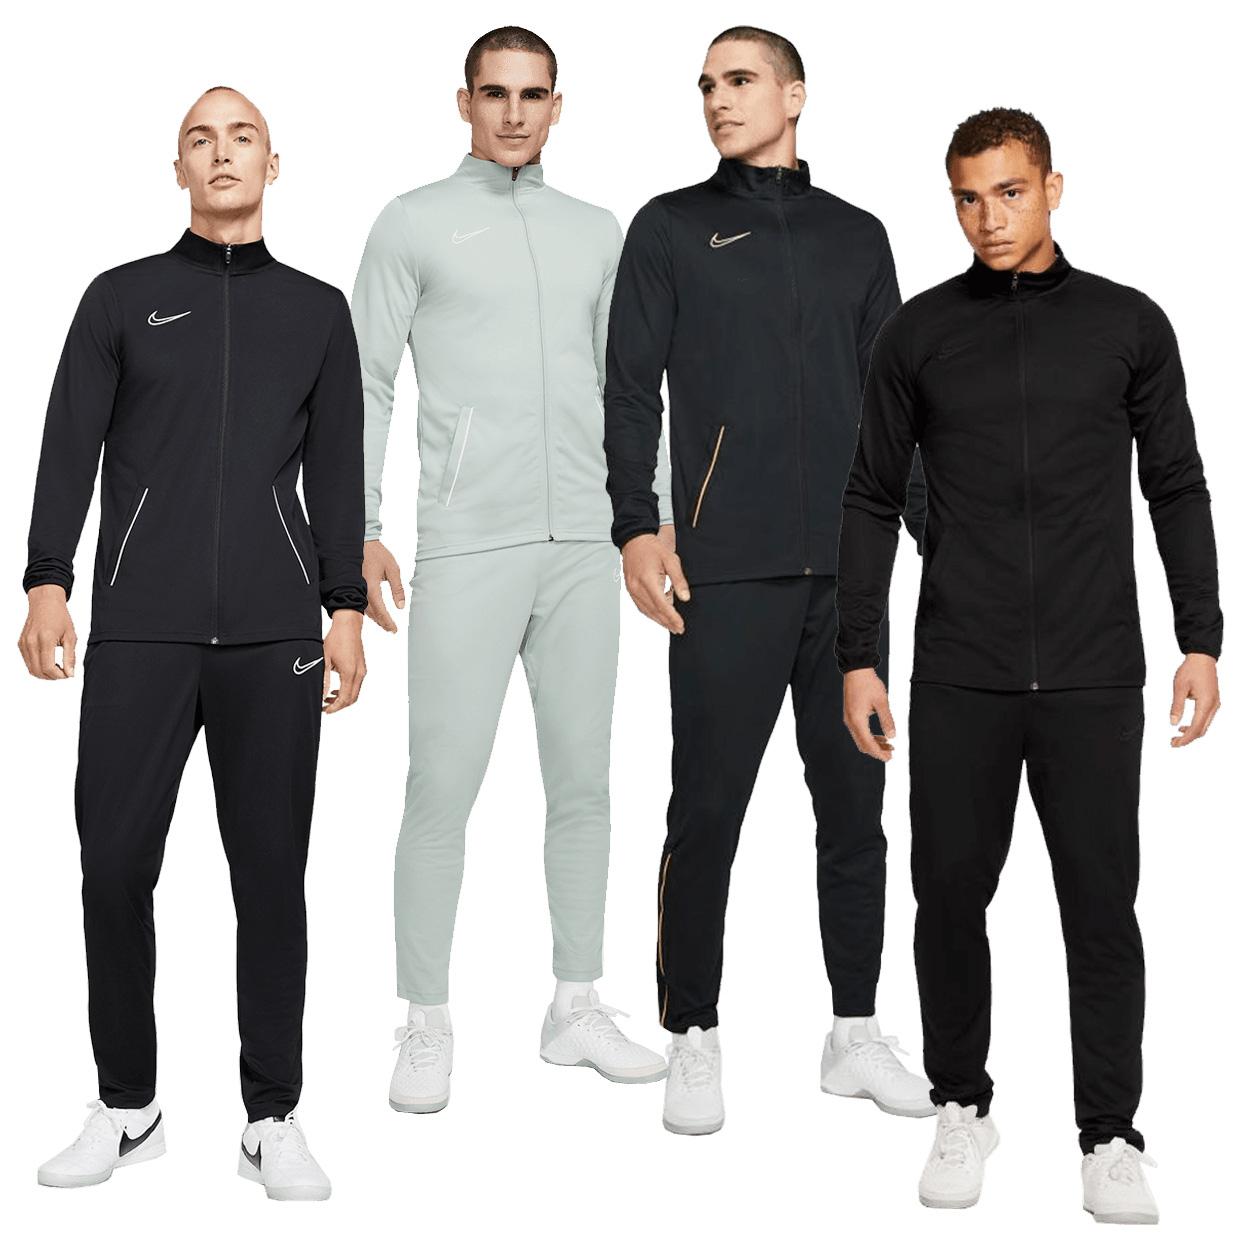 Nike Trainingsanzug Academy Knit in 4 Farben (Größen S bis XXL)